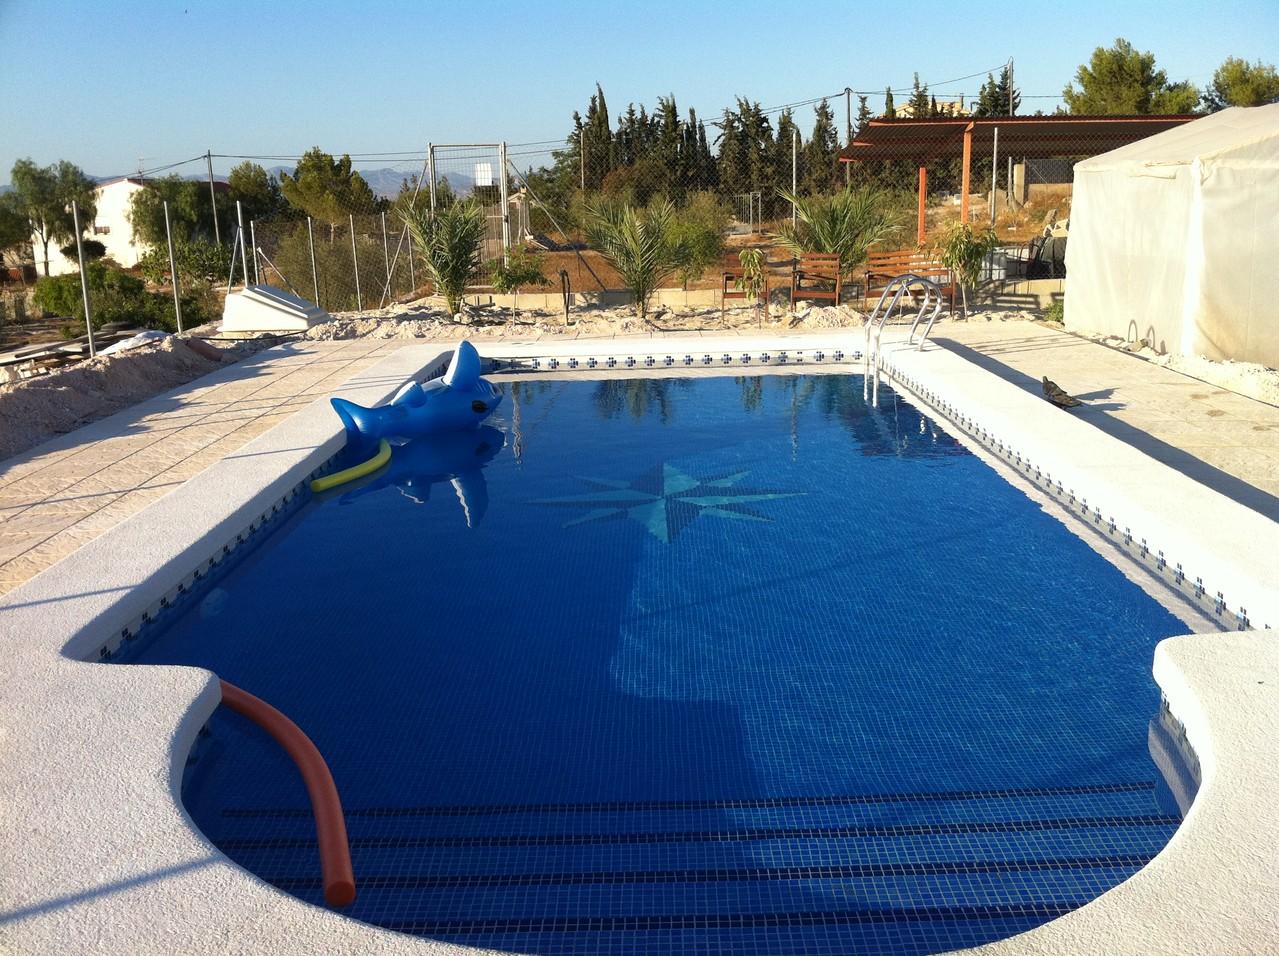 piscinas de obra en alcayna-murcia